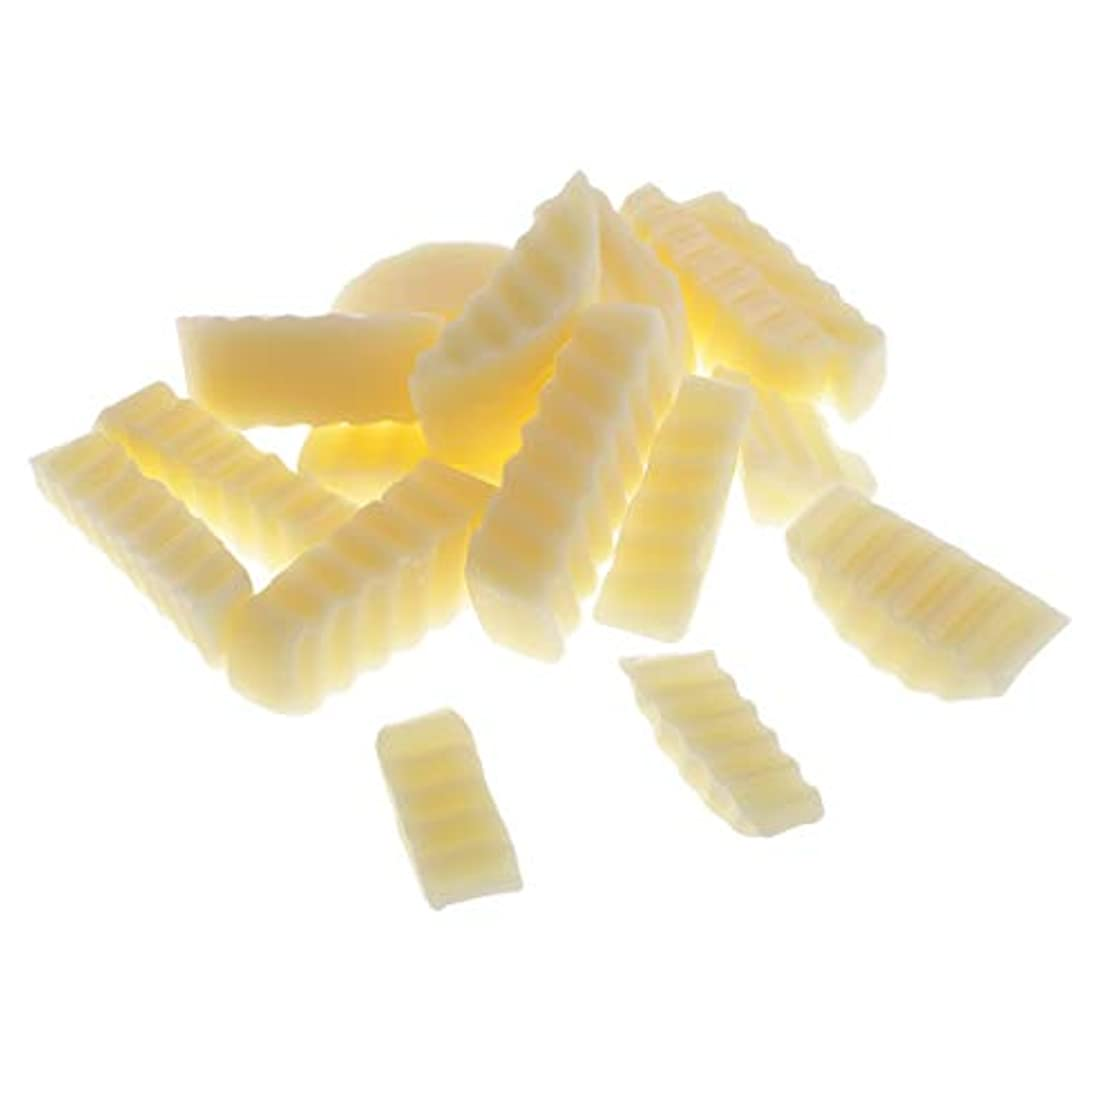 ジェスチャー領事館実業家ラノリン石鹸 自然な素材 DIY工芸品 手作り 石鹸 固形せっけん 約250g /パック